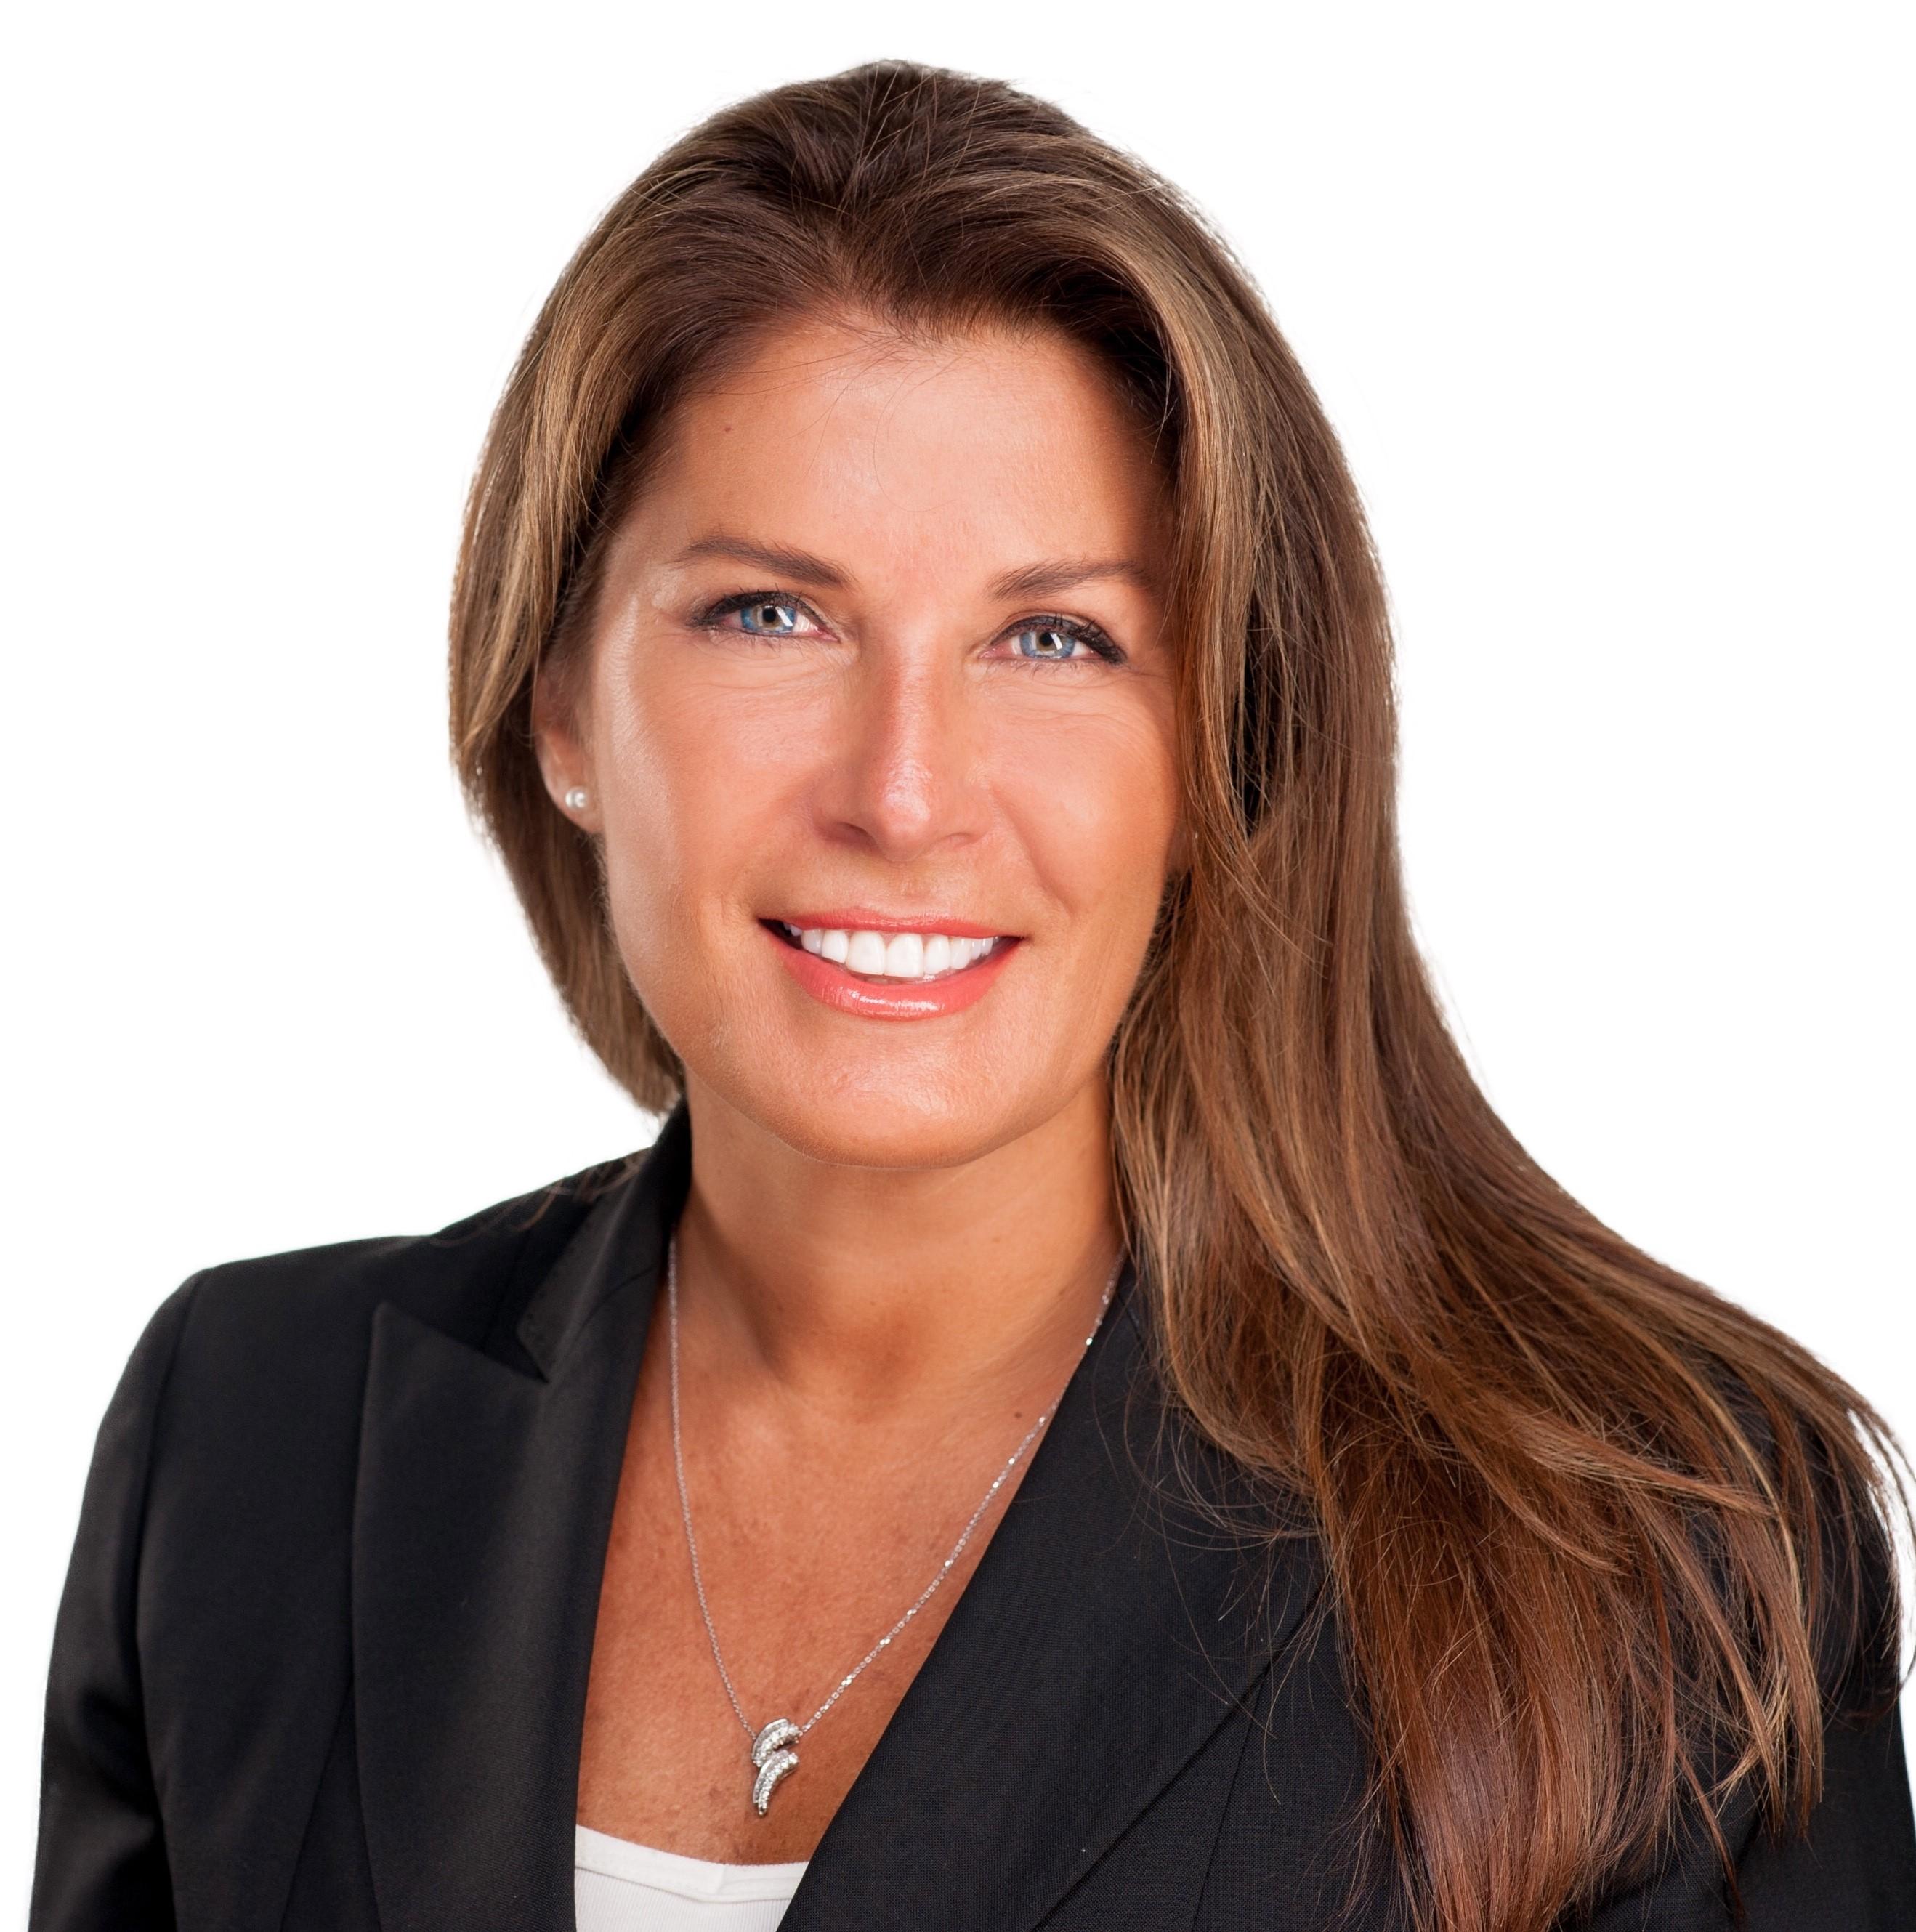 Patricia N. Vercelli ('97)